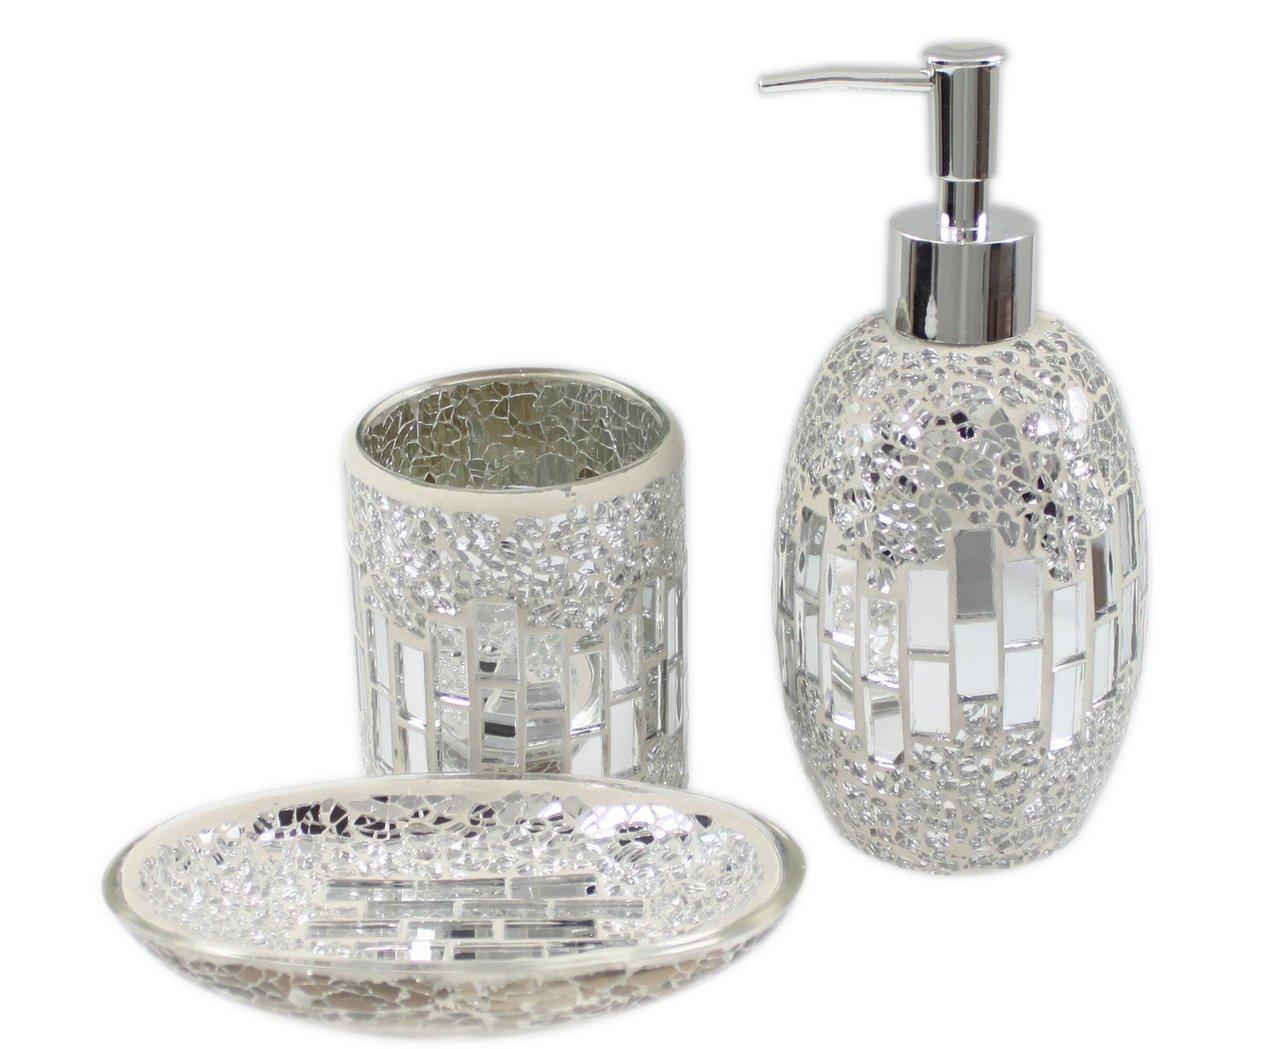 3 Piece Modern Silver Chrome Sparkle Mosaic Glass Tile Bathroom ...